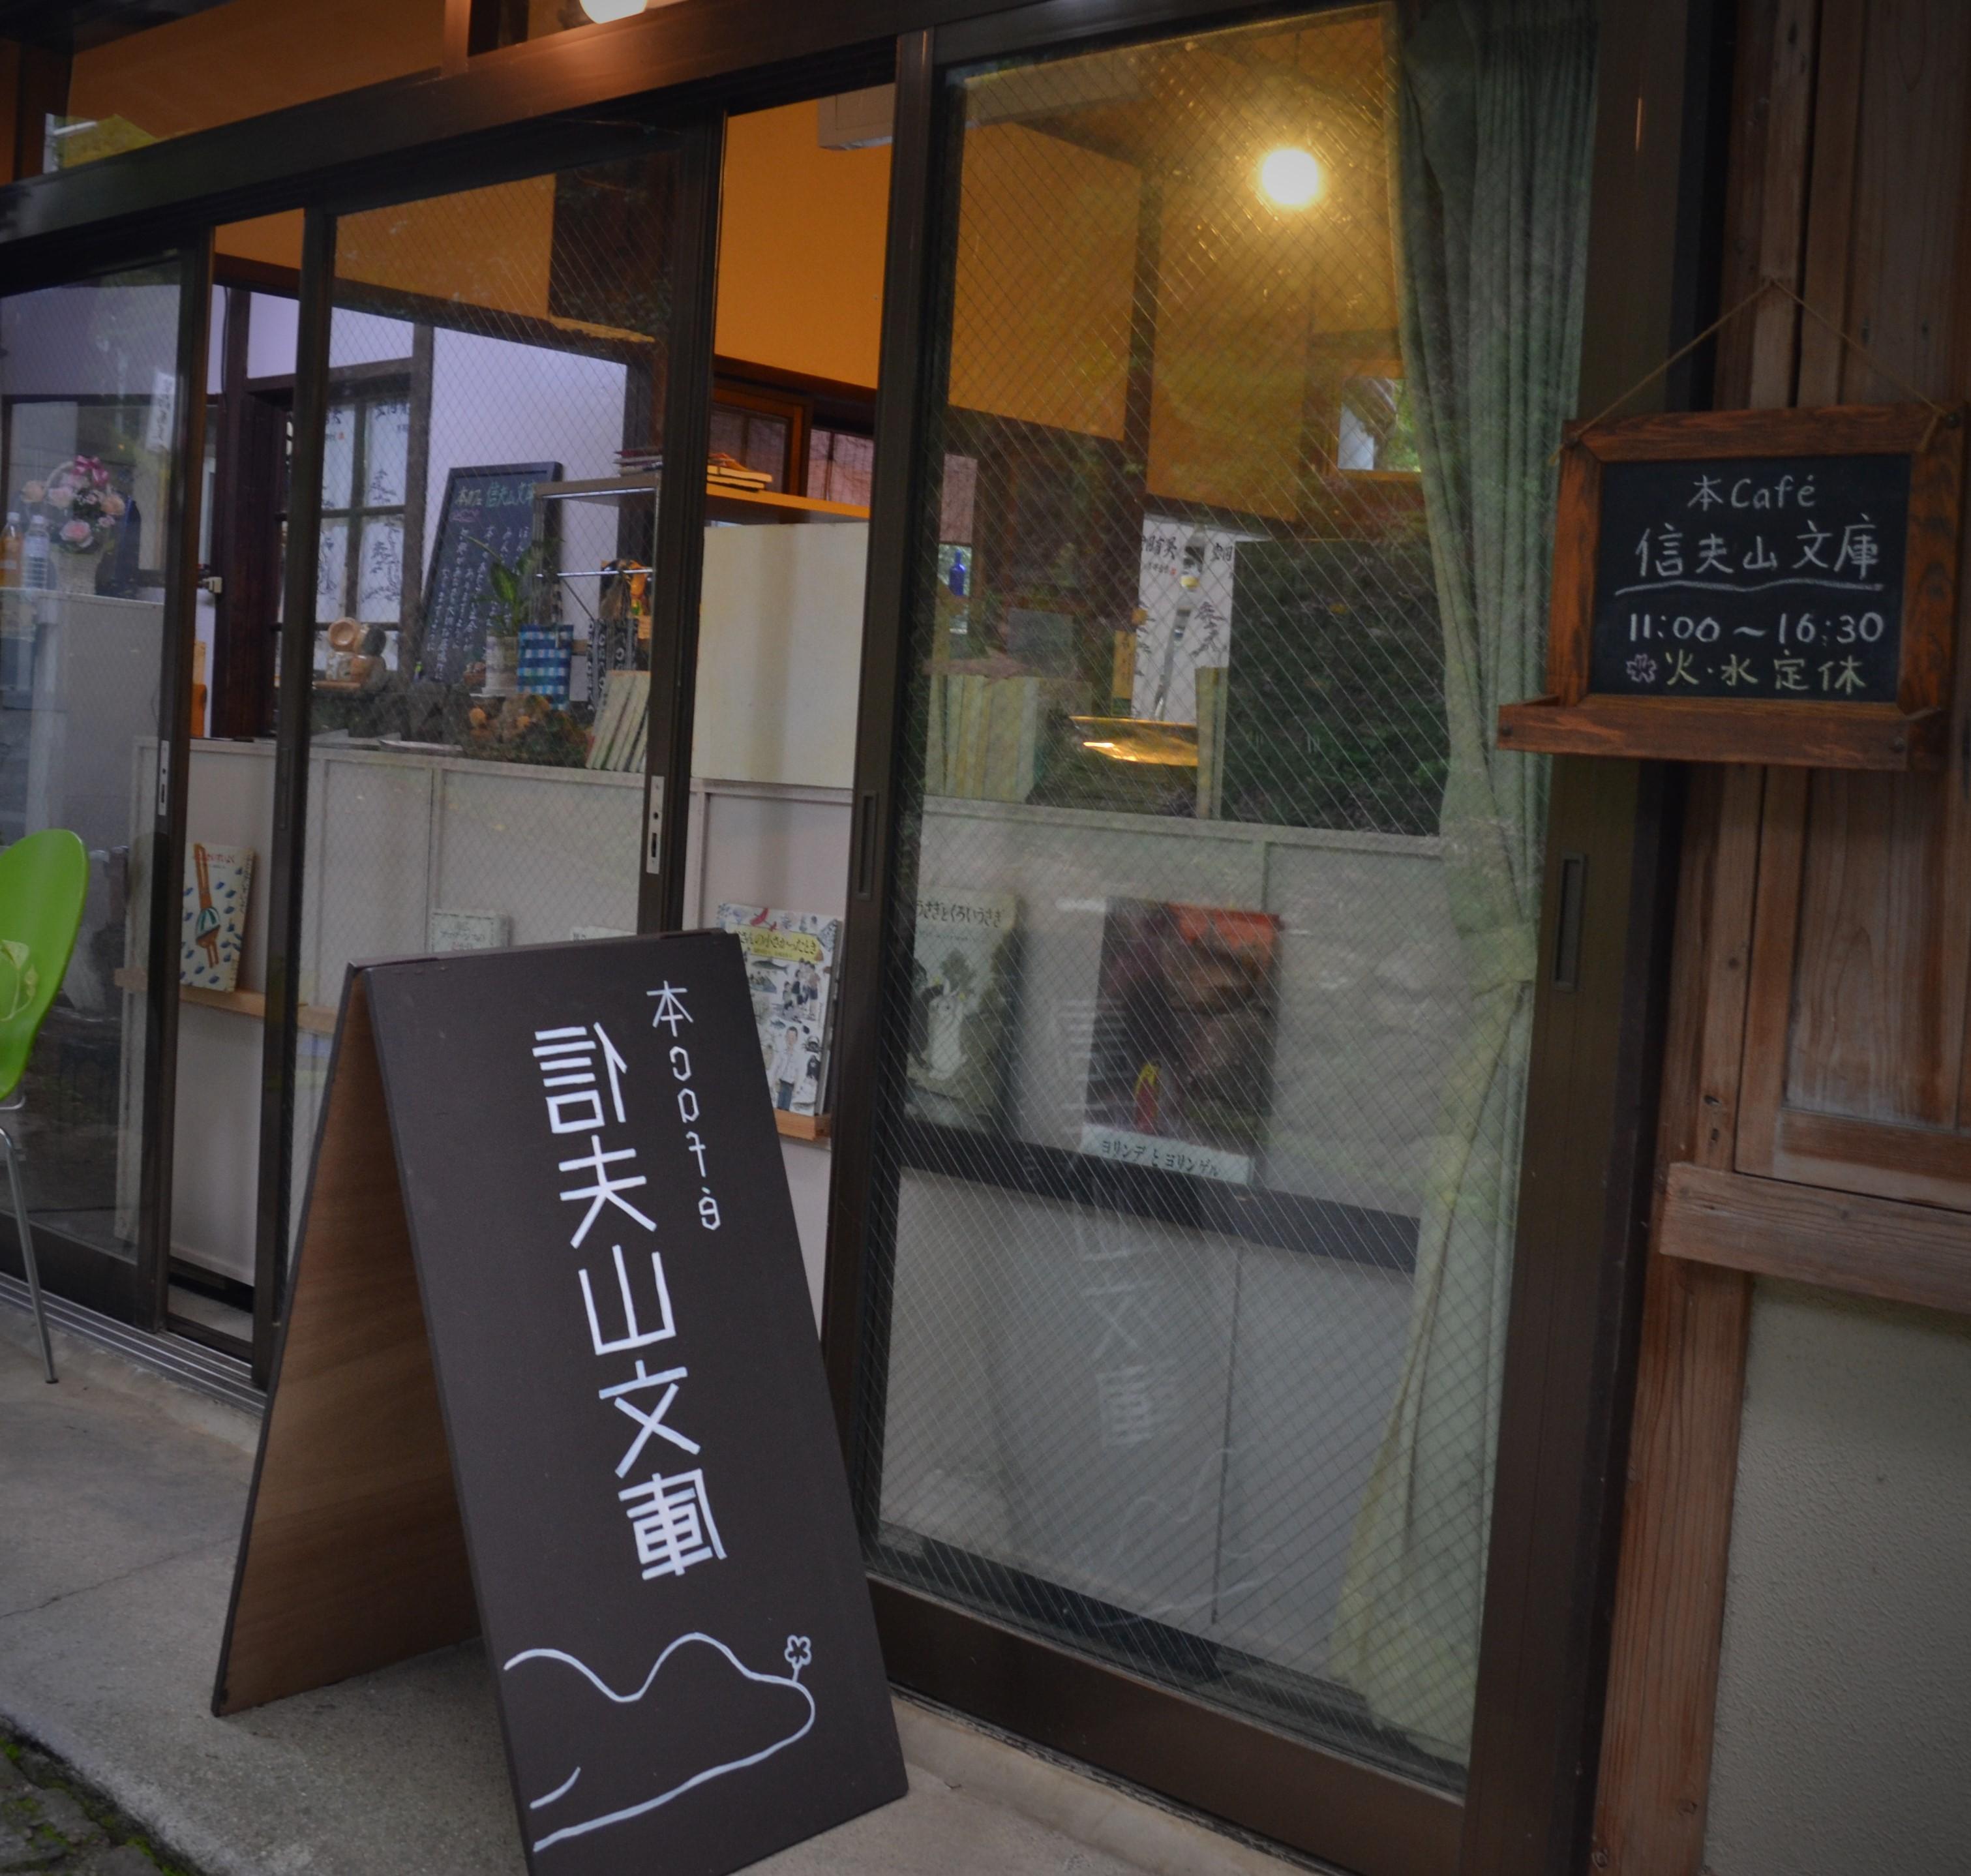 20150822 290 KINOKUMAYA 011 (2)